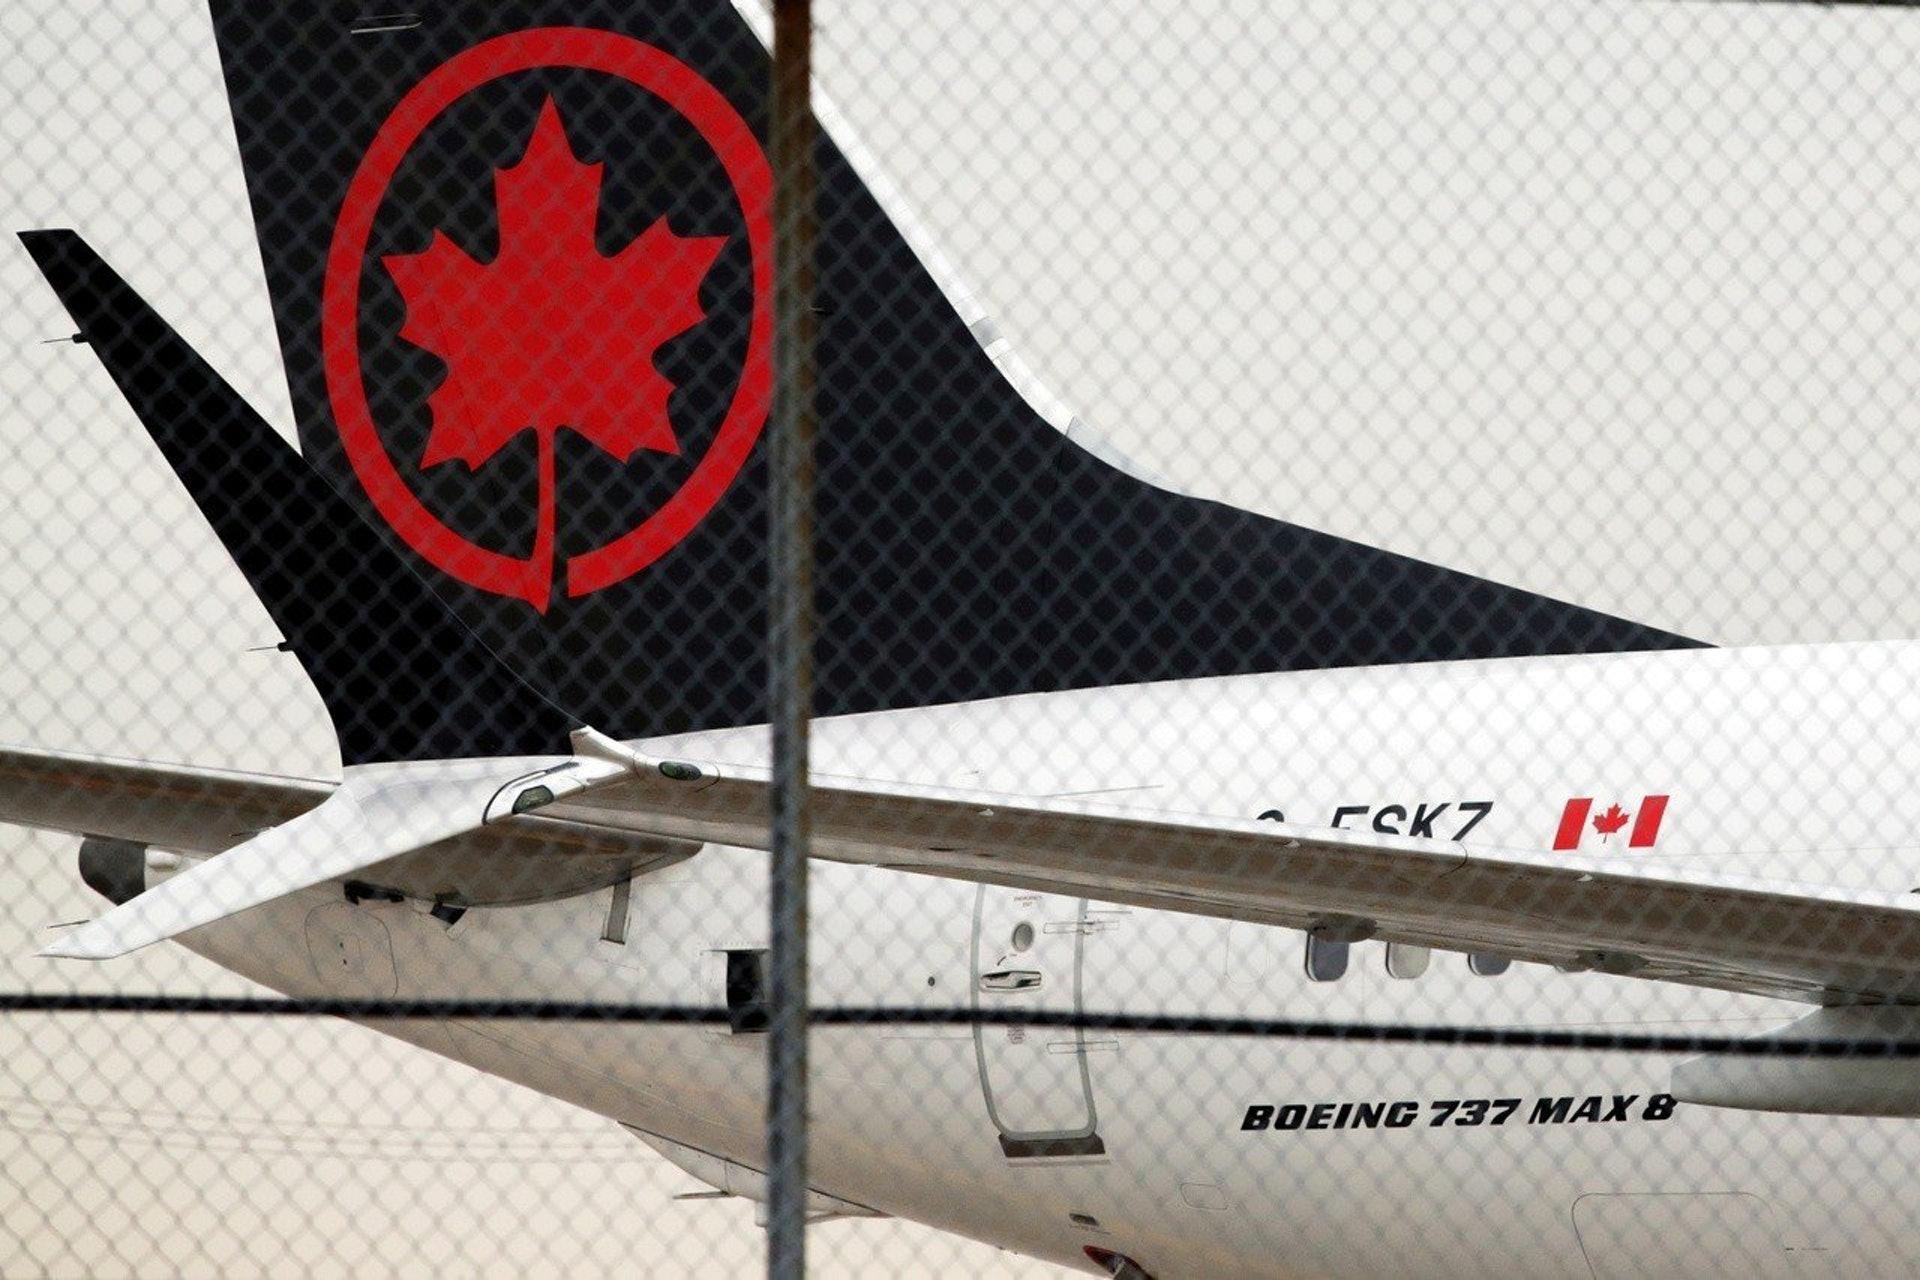 一名乘客日前乘搭加拿大航空自魁北克飛往多倫多的班機,竟被獨留飛機上。(路透社)